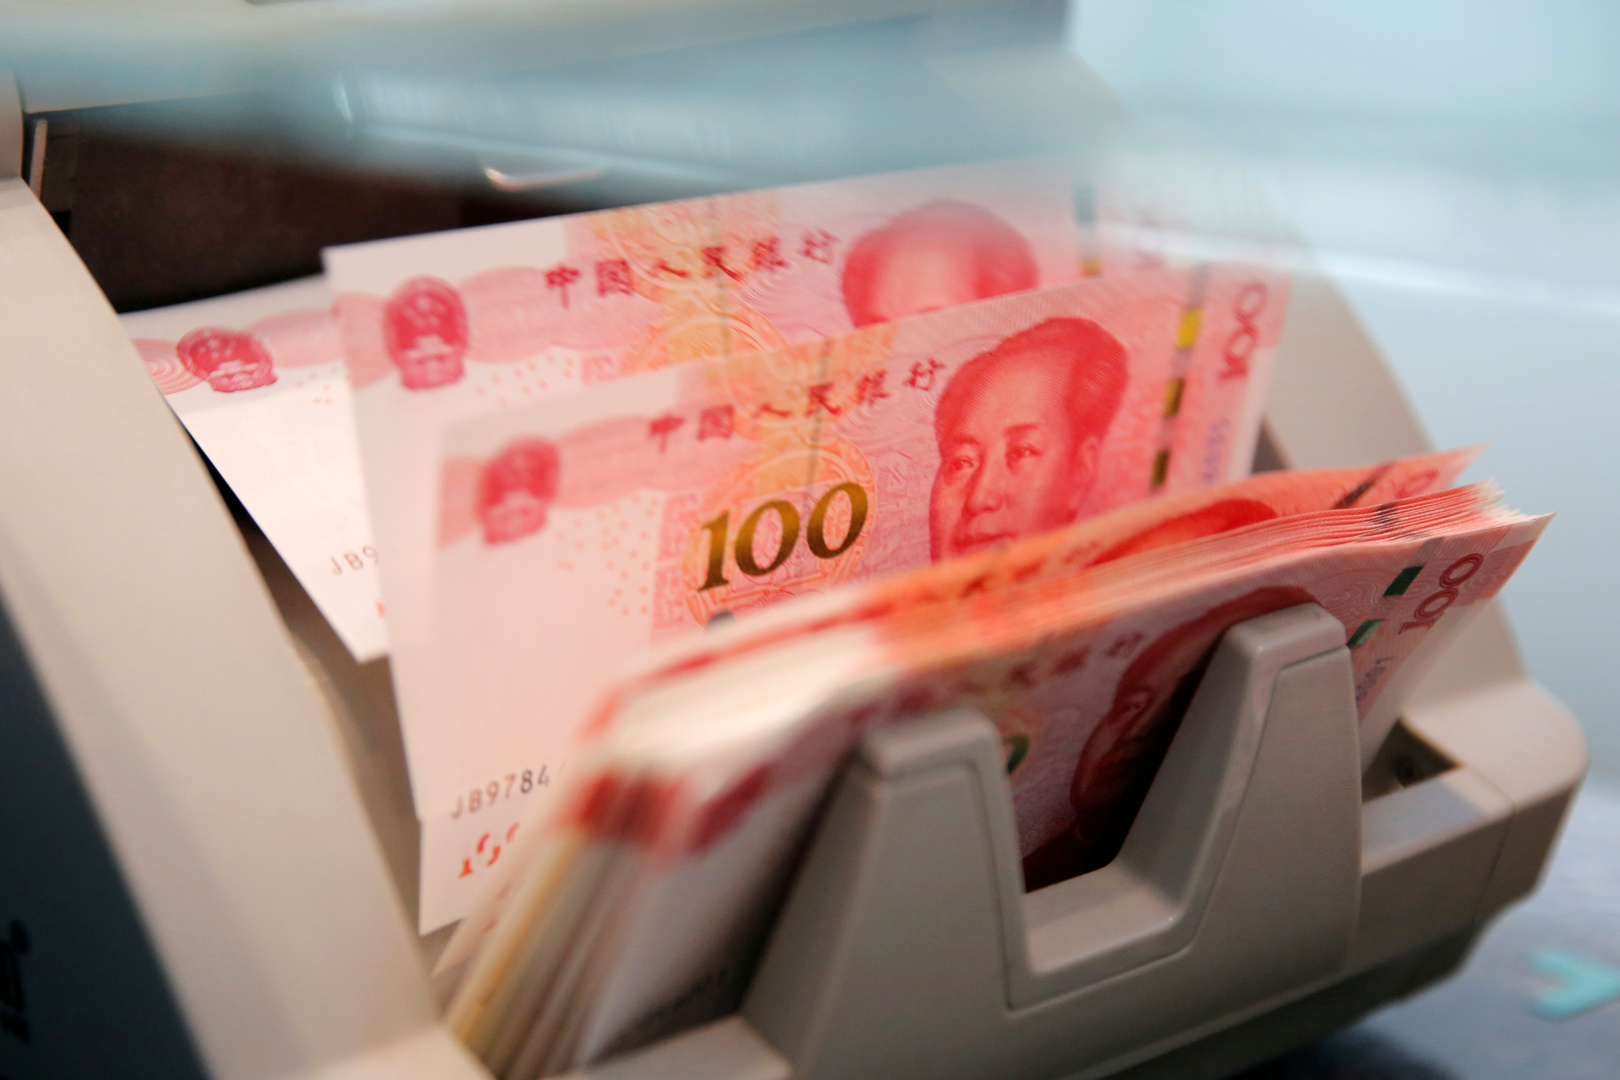 الصين تطمح إلى تحقيق نمو اقتصادي في العام الحالي يتجاوز معدل 6%